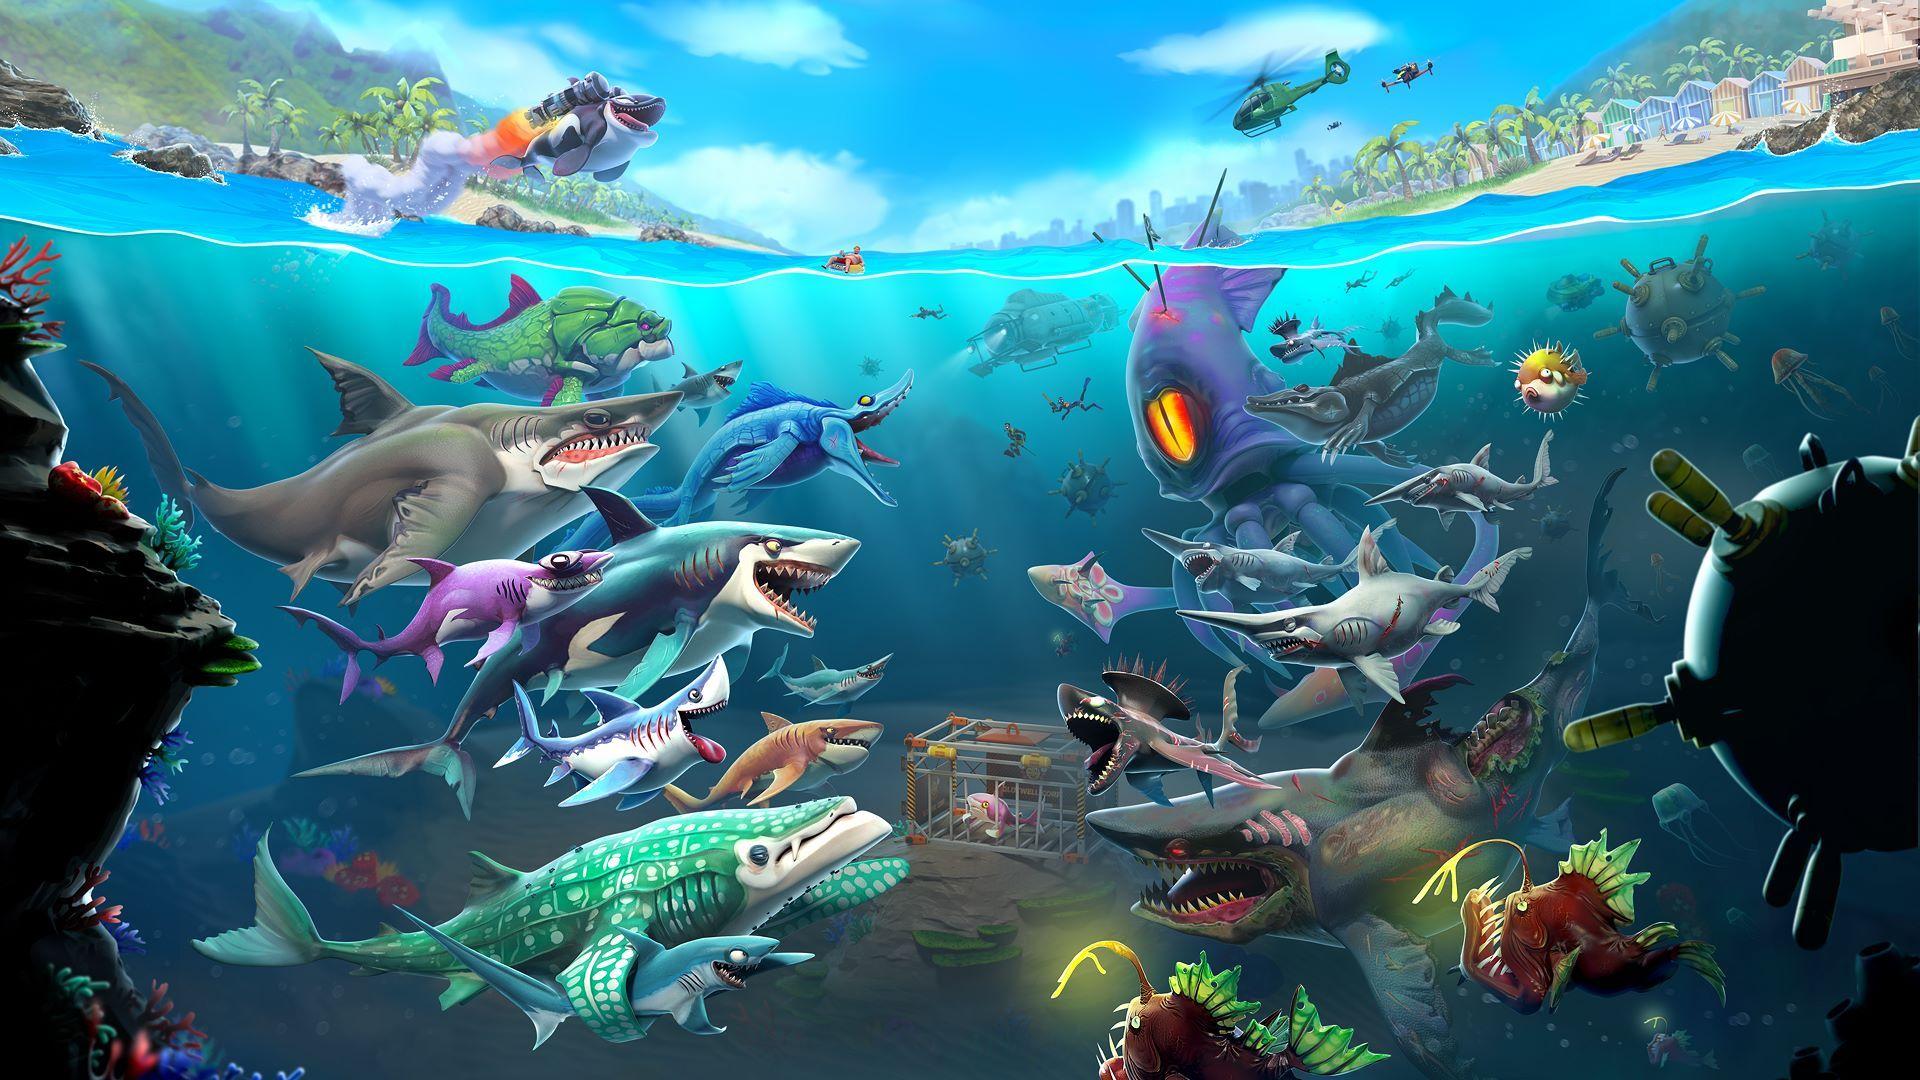 Imagen Relacionada Requin Terreur